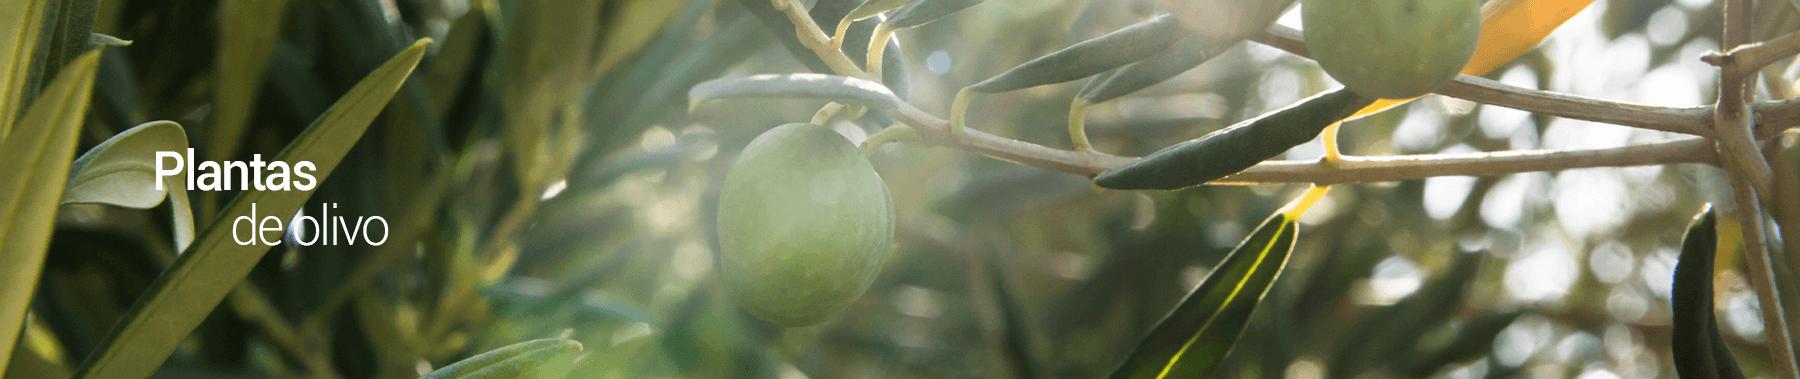 OLIVO-los-vinedos-PERU-2